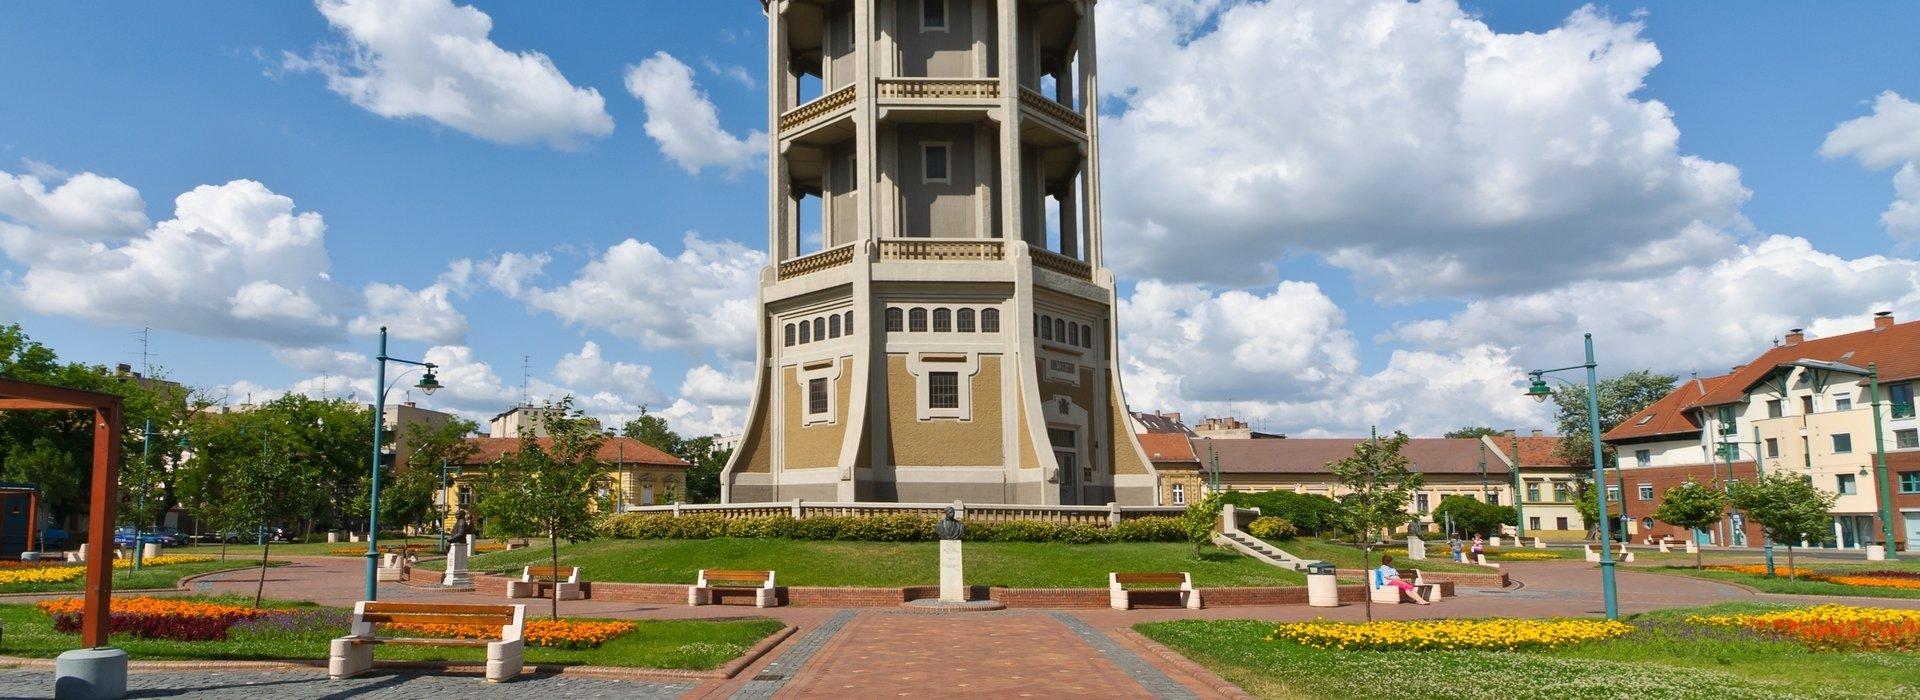 Szeged Szabadidő